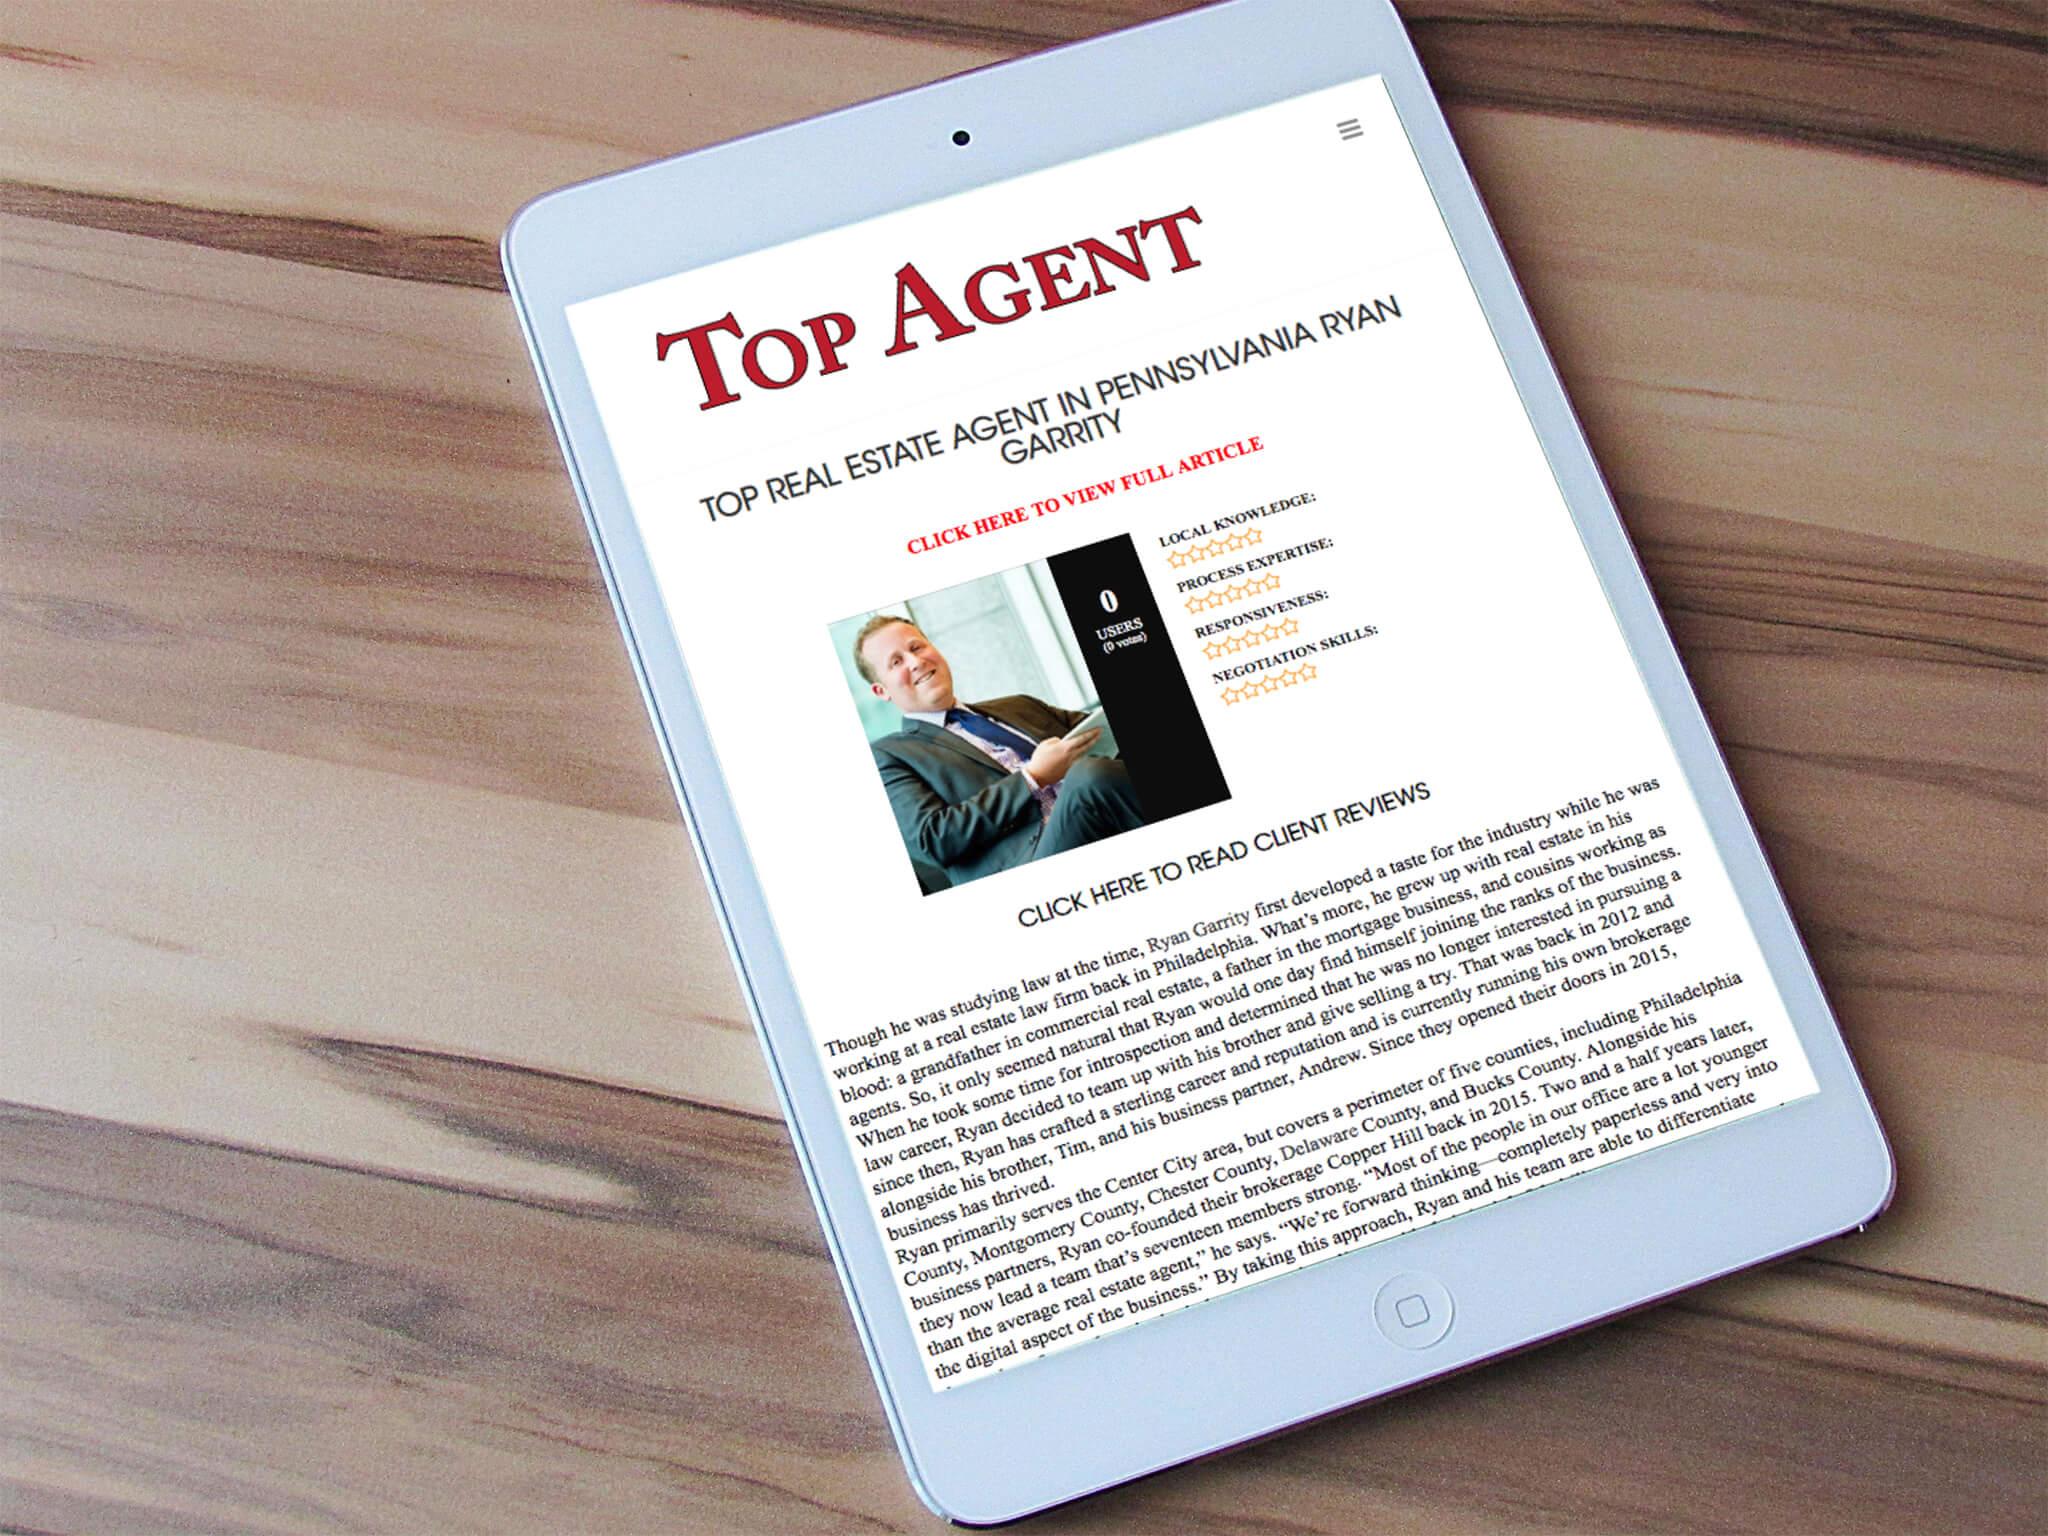 Top Real Estate Agent In Pennsylvania Ryan Garrity